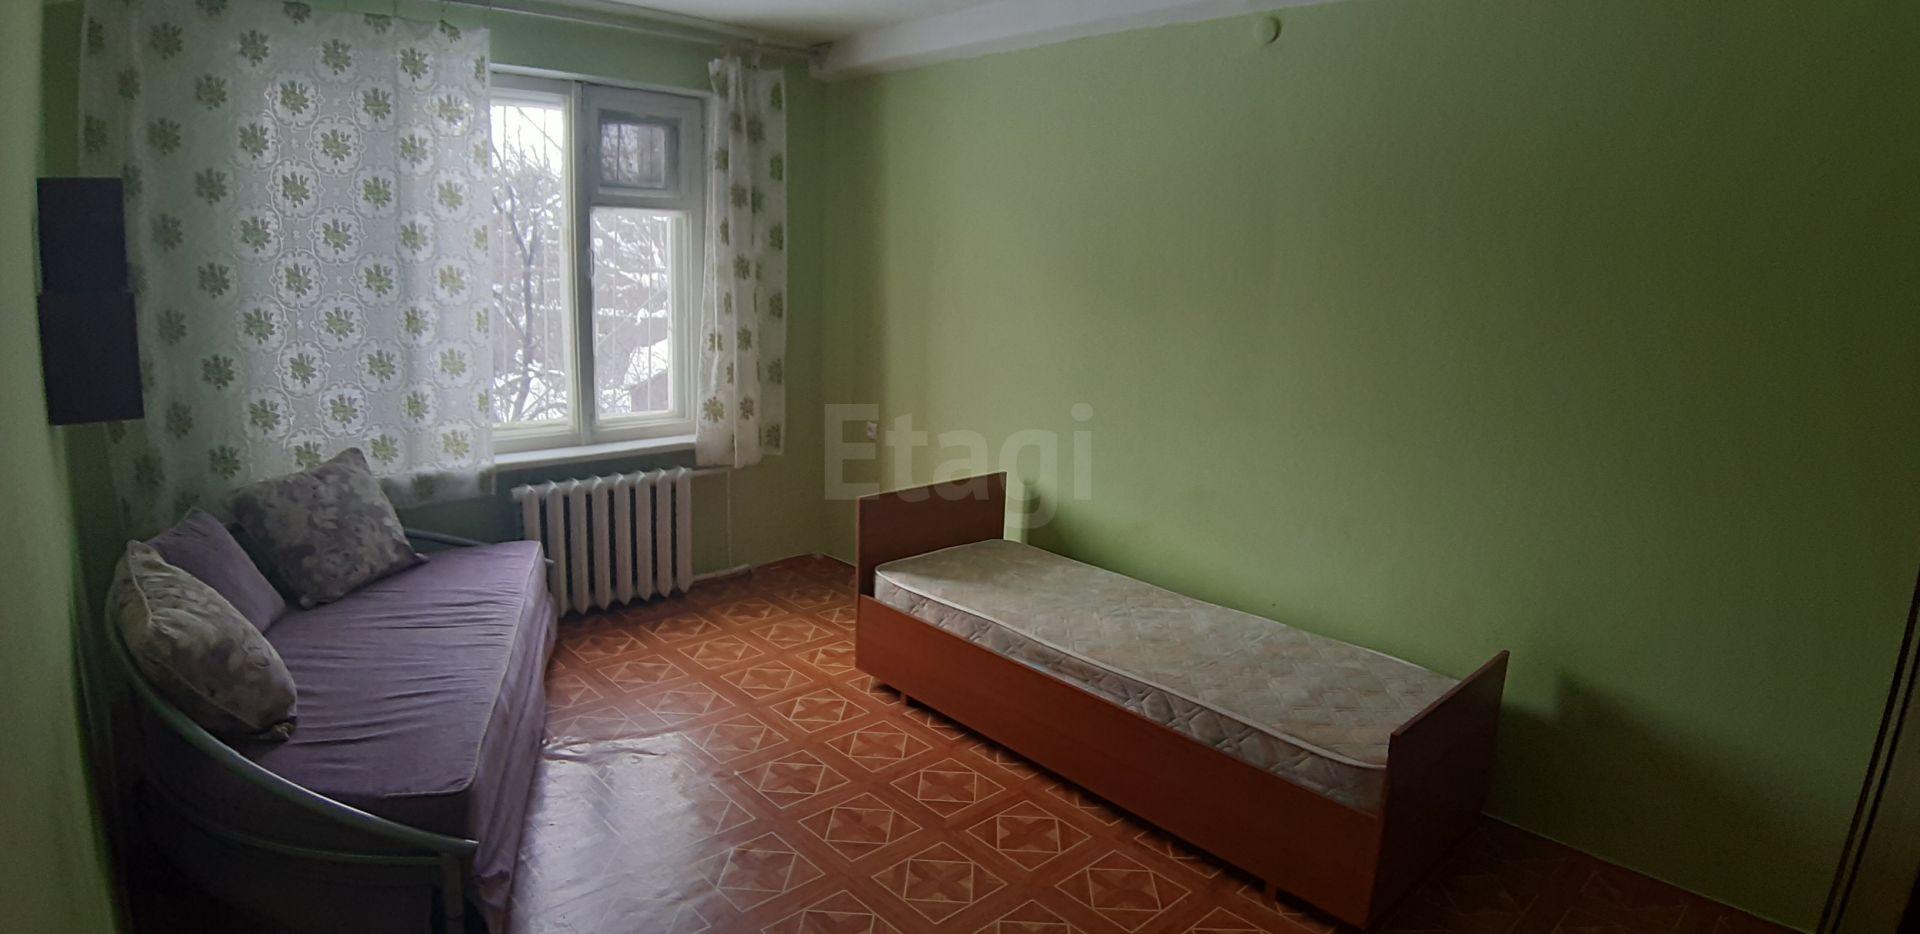 Продается двухкомнатная квартира за 1 600 000 рублей. СХИ, ул. Магнитный 2-й проезд (3.3 км до центра).